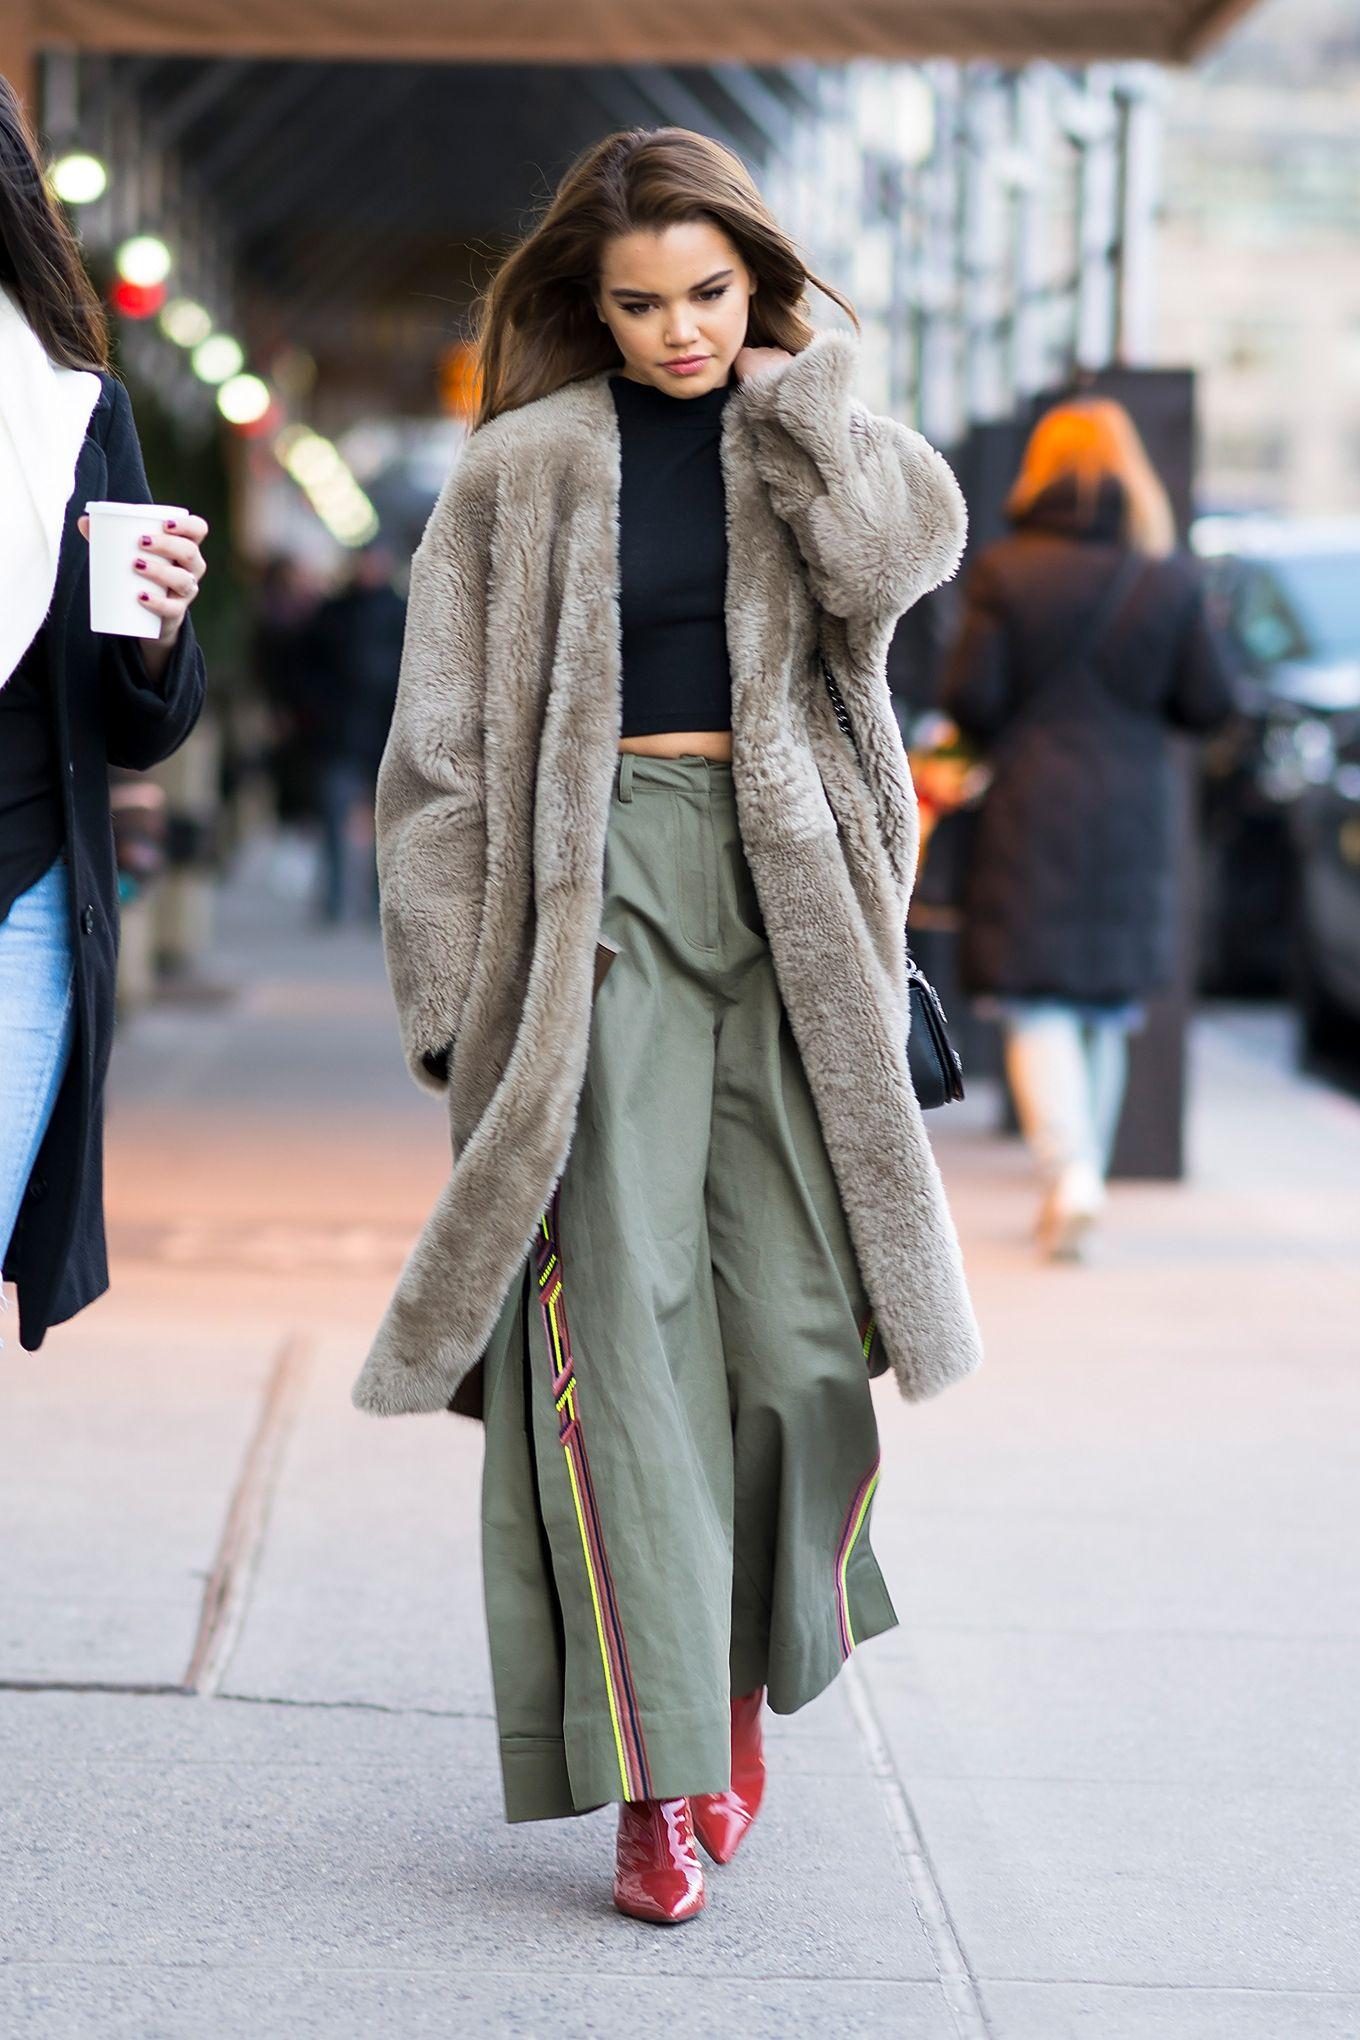 Ecco i pantaloni moda 2018 con i modelli donna di tendenza, guarda le  immagini della